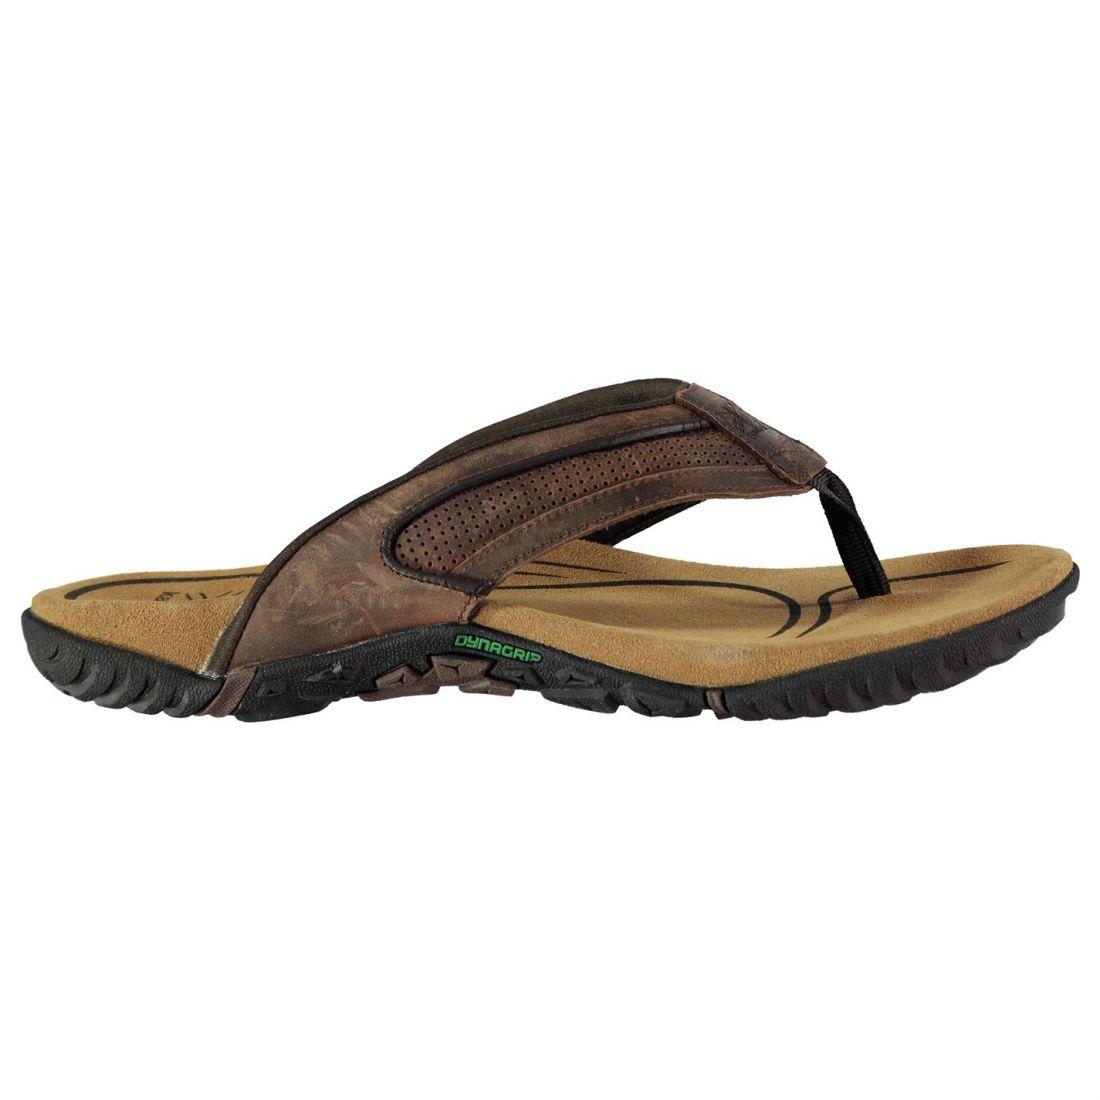 de5d6e5bf5f3 Karrimor Mens Lounge Flip Flops Sandals Strap Toe Post Leather Upper ...